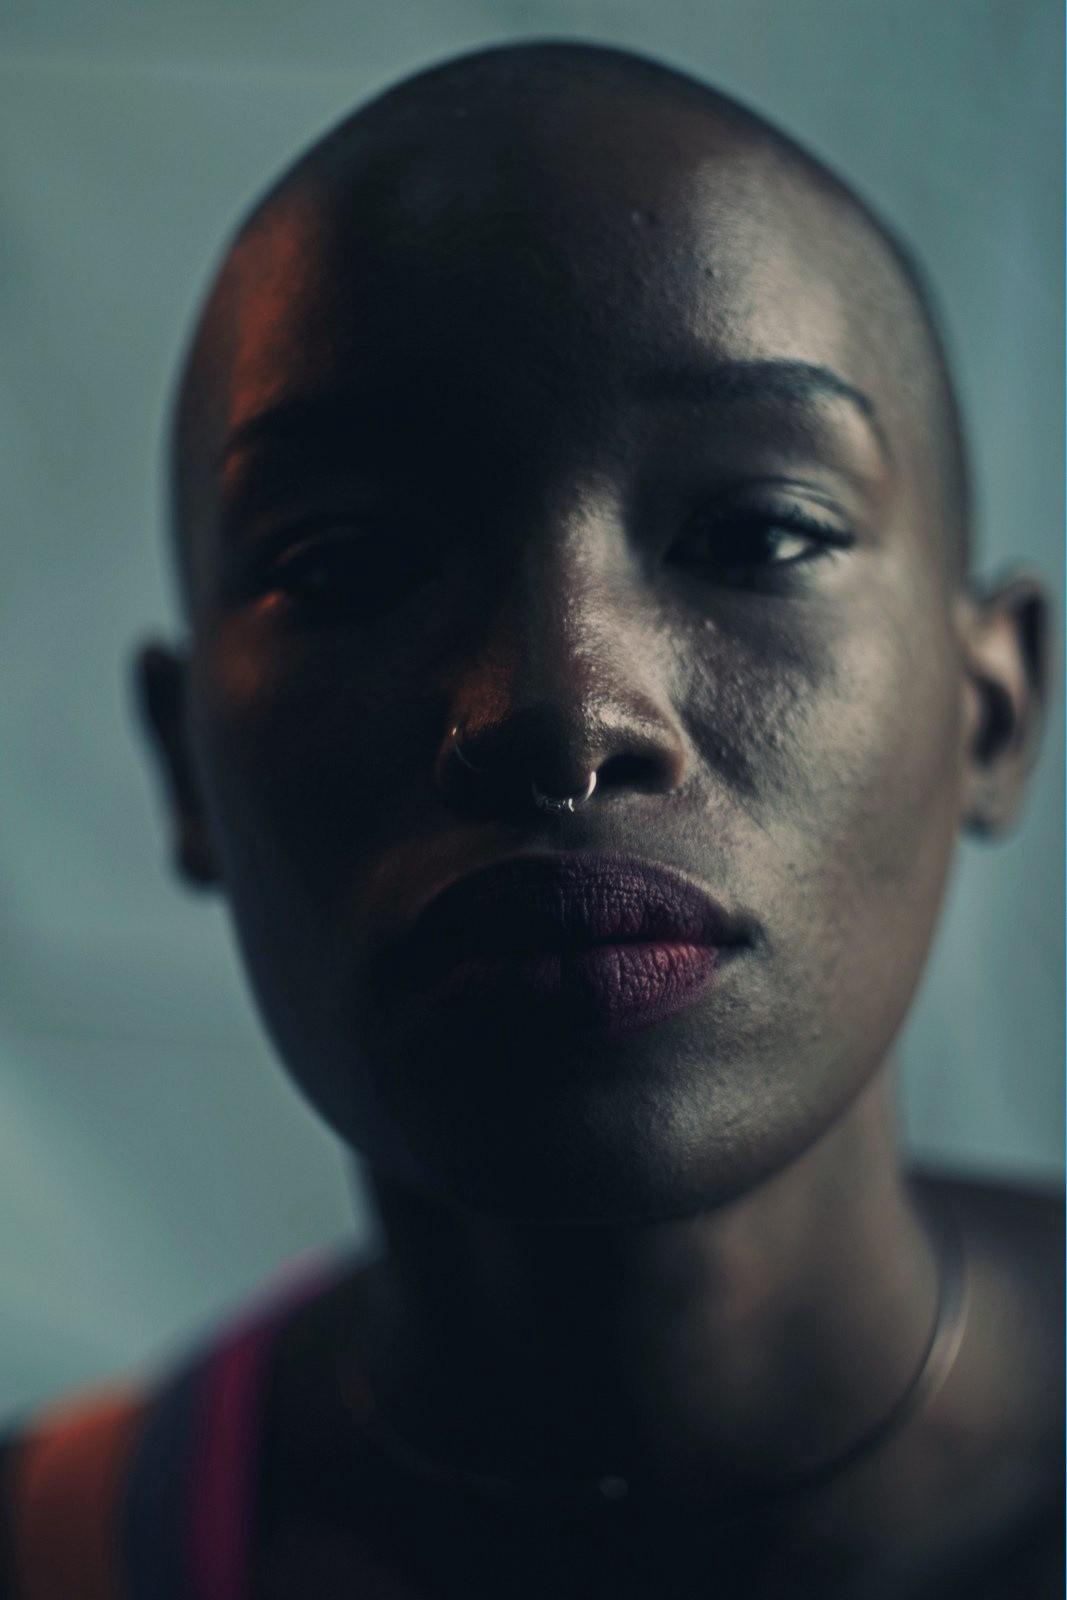 Image by Kwesi Abbensetts